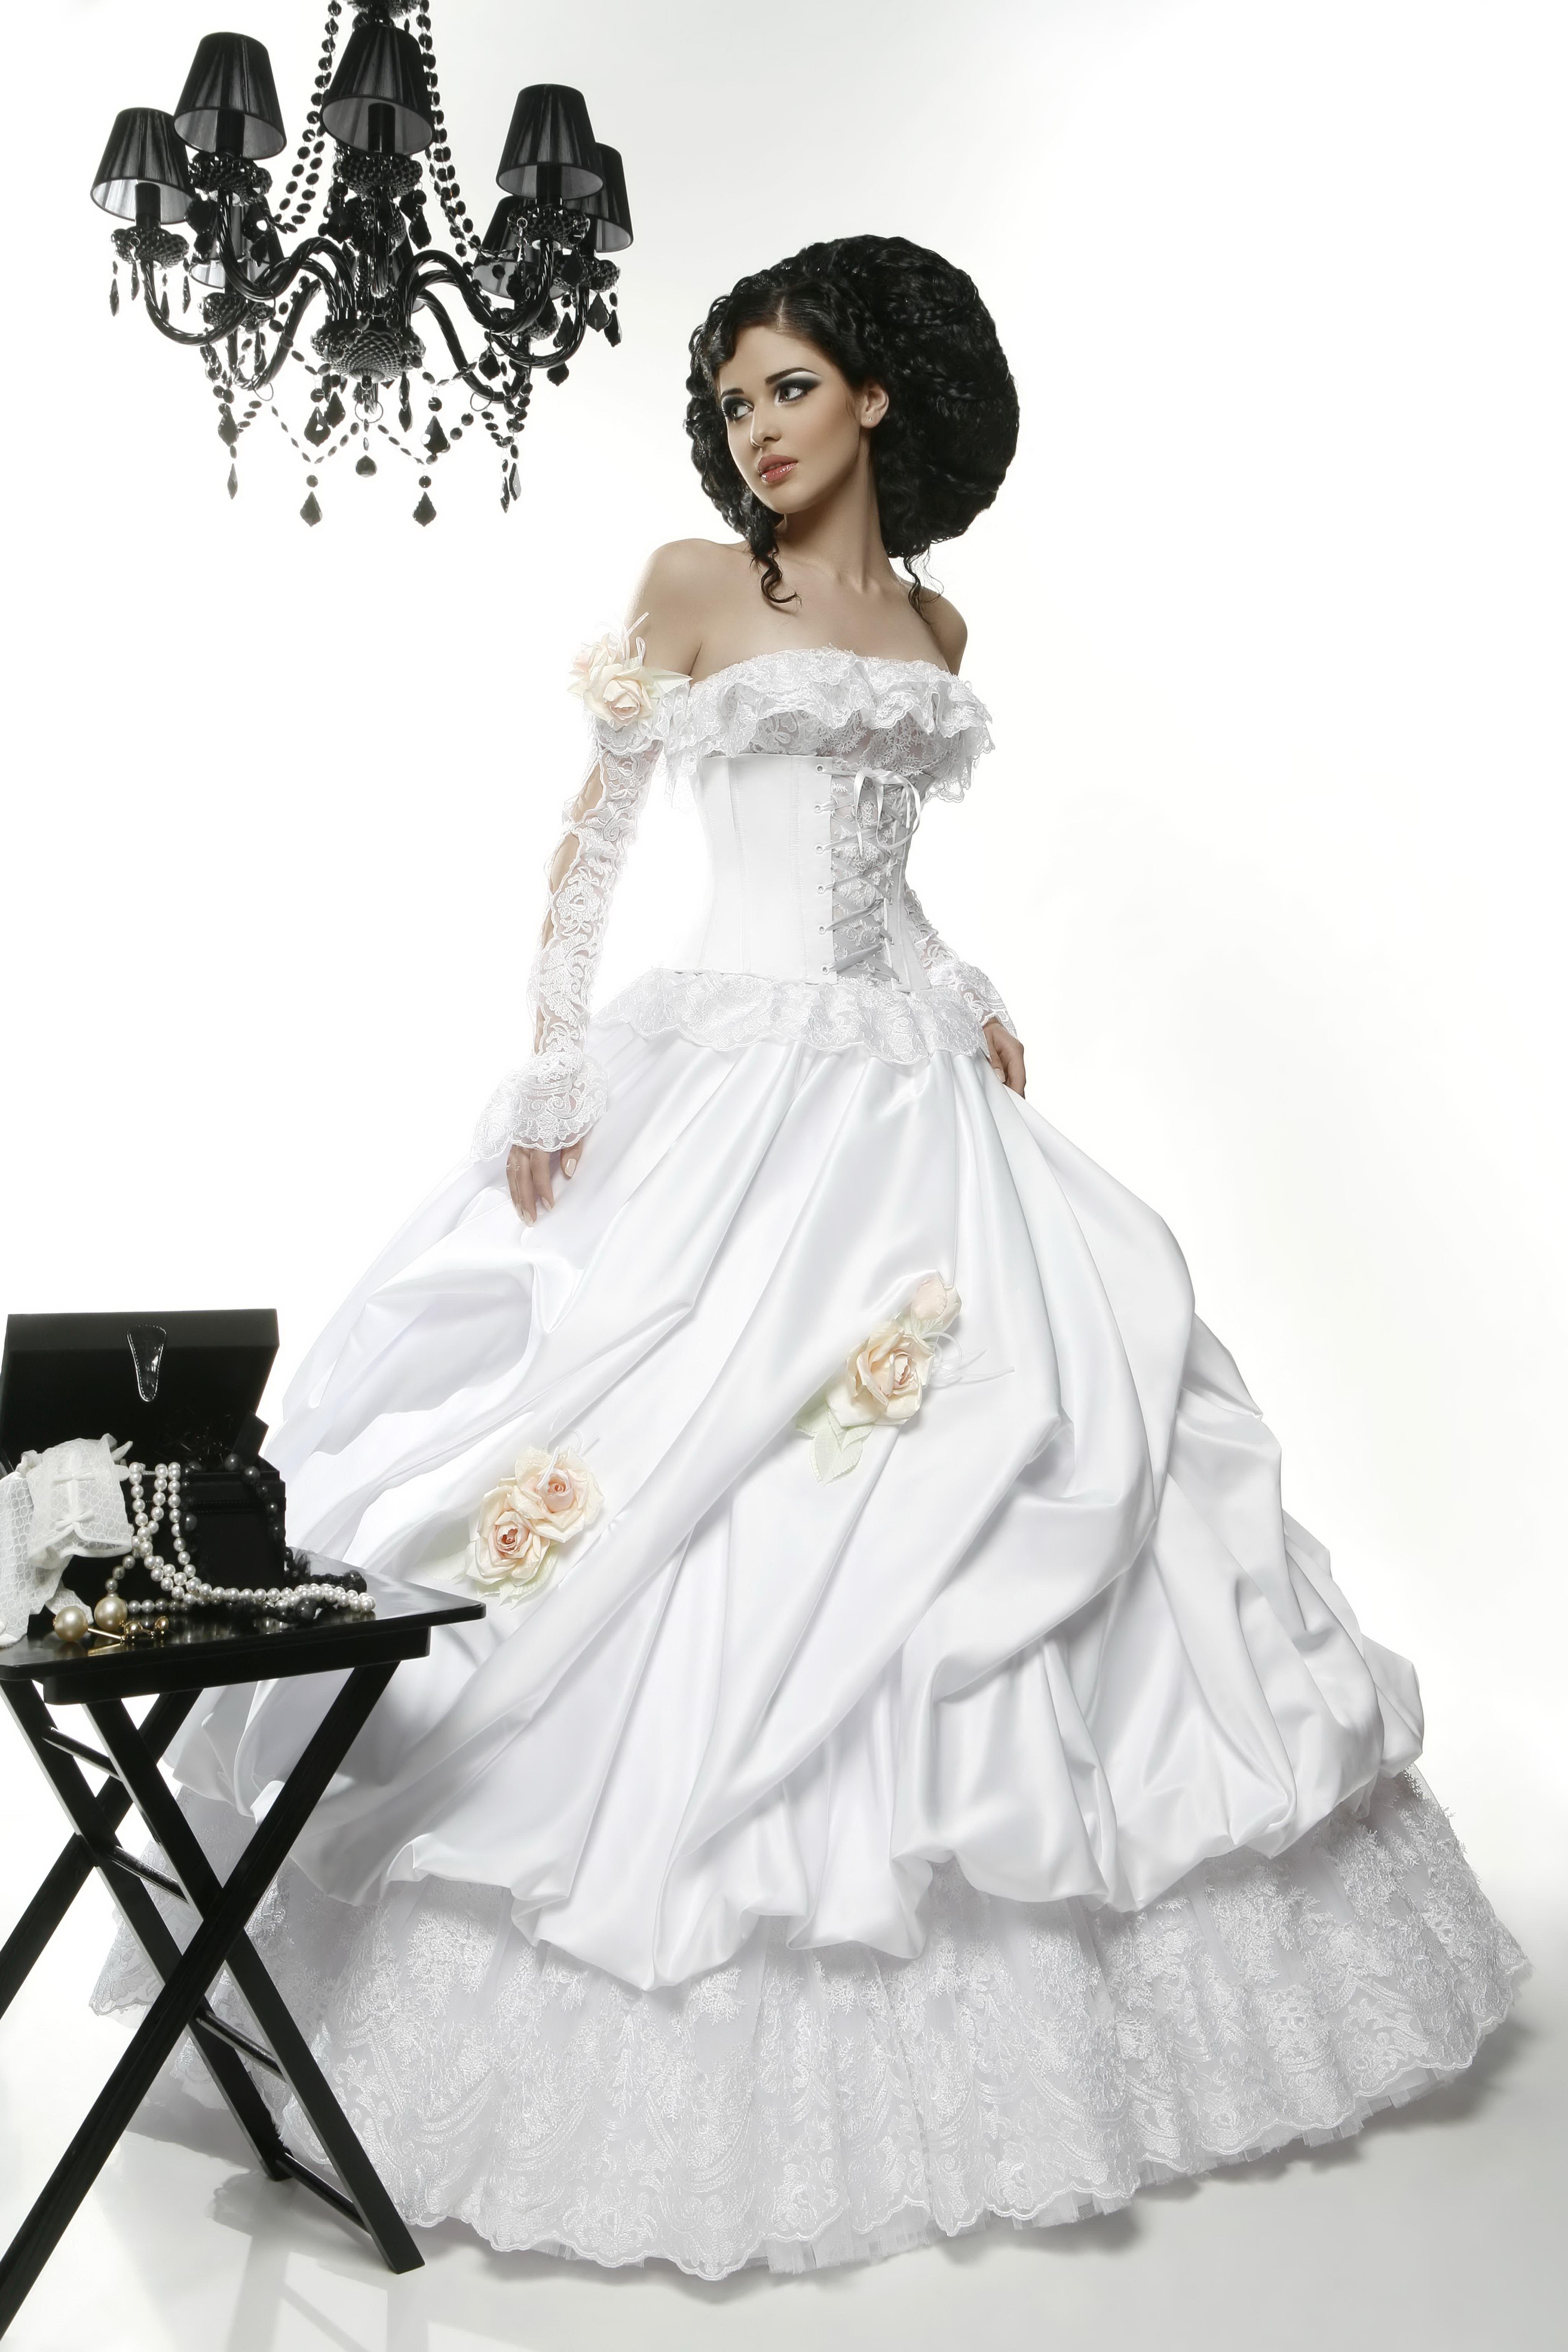 прическа для подружки невесты на свадьбу